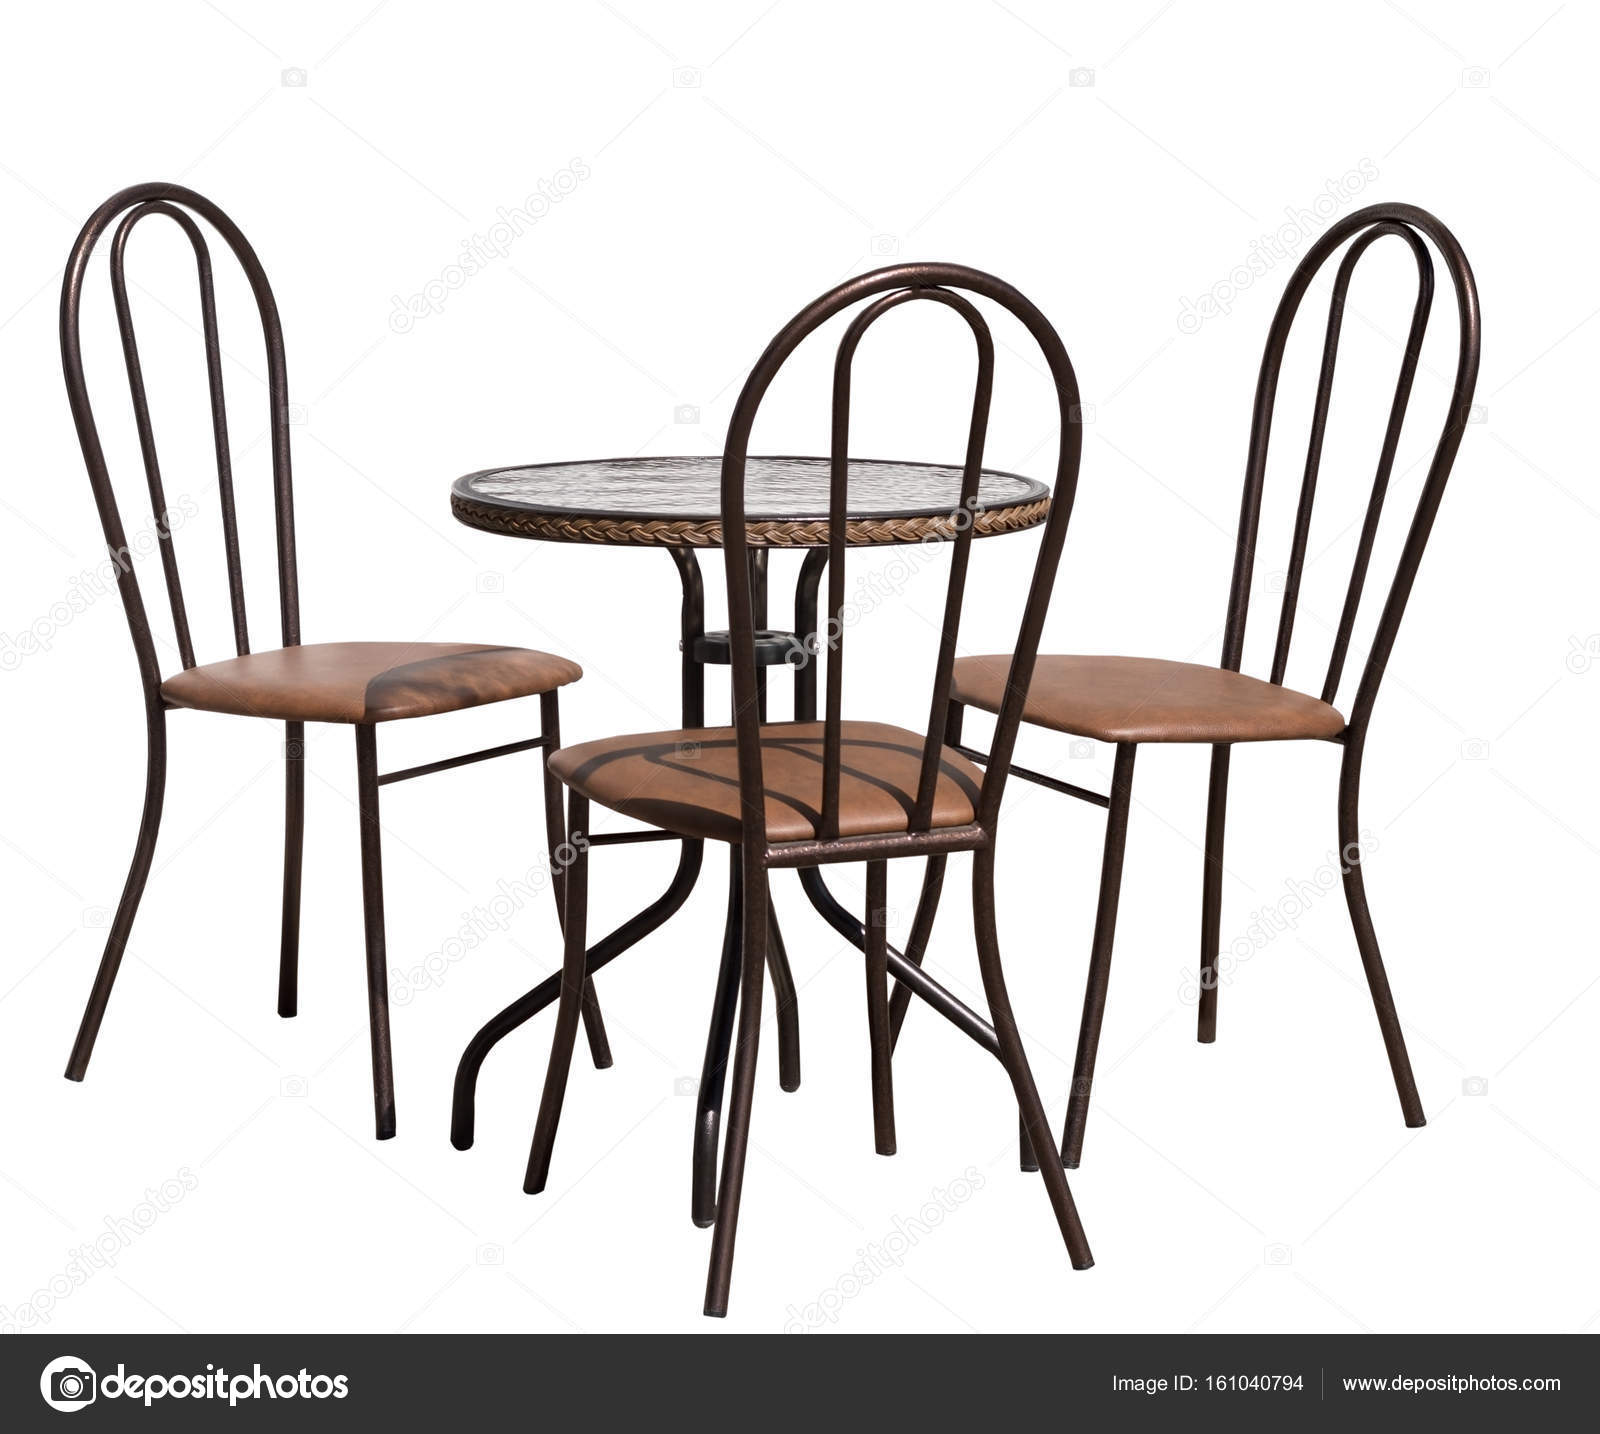 Tisch und Stühle auf weiß — Stockfoto © vega_240 #161040794